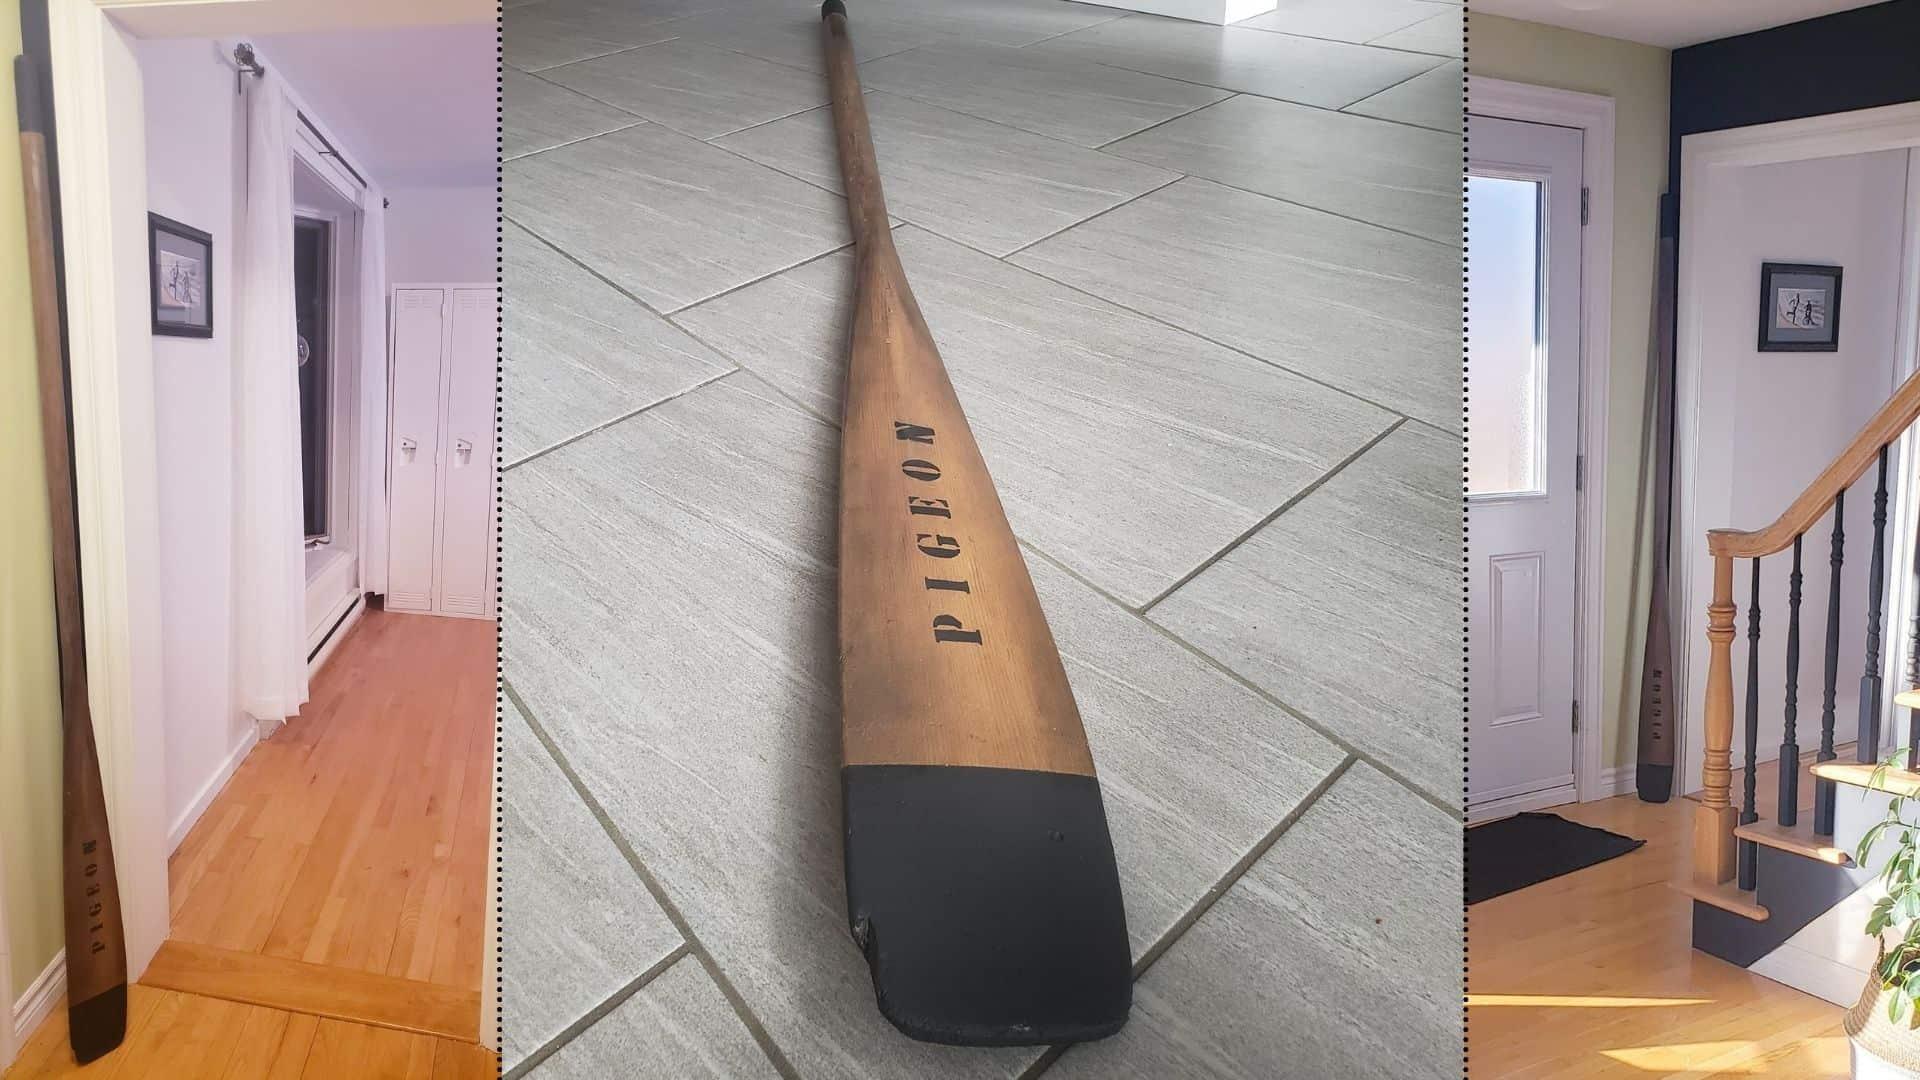 Paint a paddle